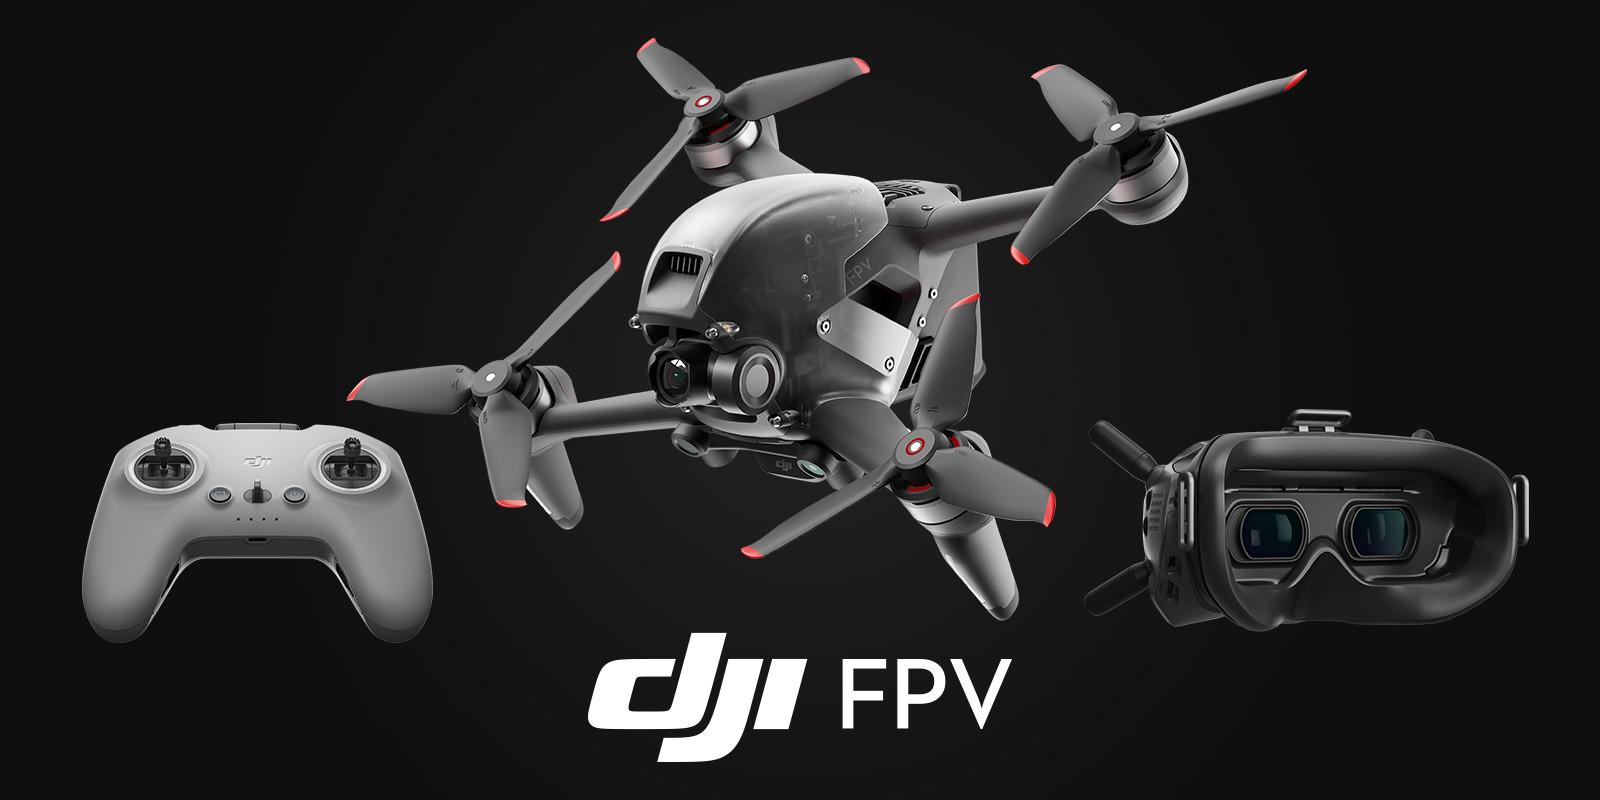 DJI FPV Combo racing drone